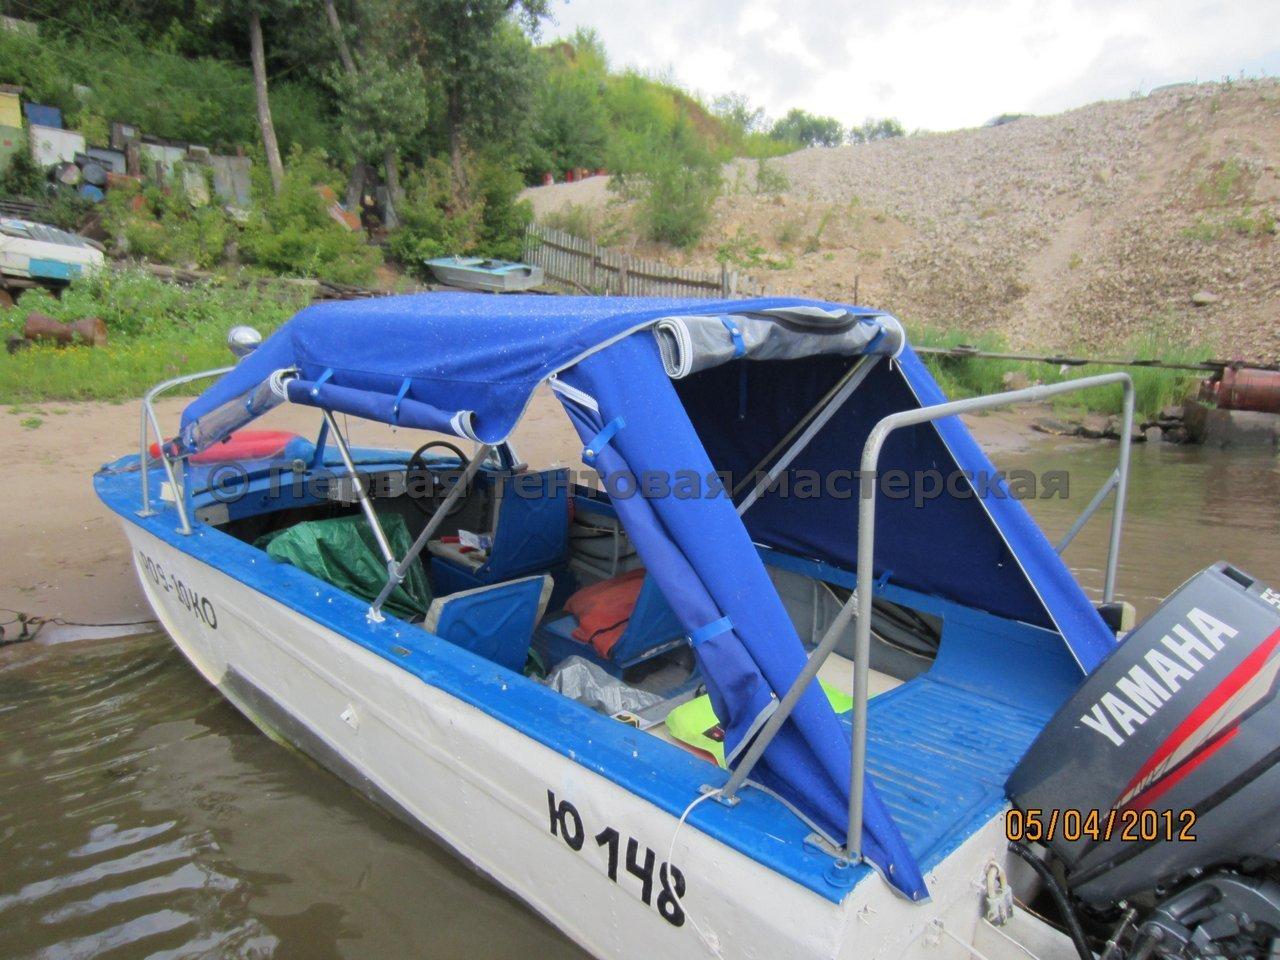 tents14_010